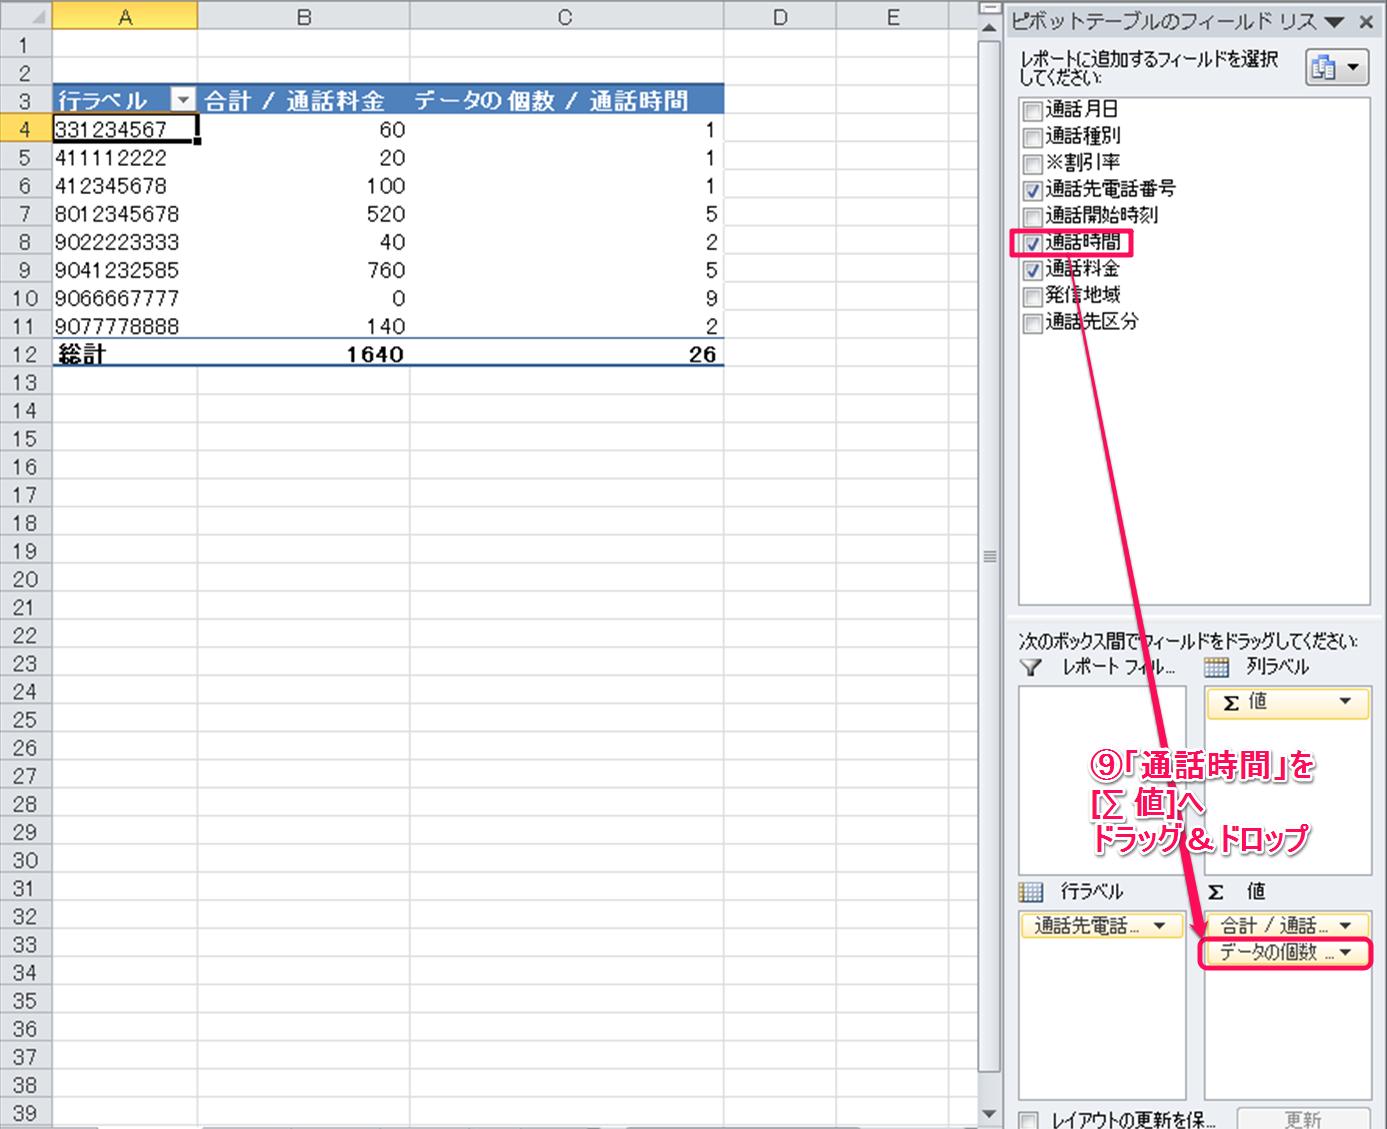 ピボットテーブルで電話番号ごとの通話料金と通話時間を計算する方法(au通話明細を利用)⑤